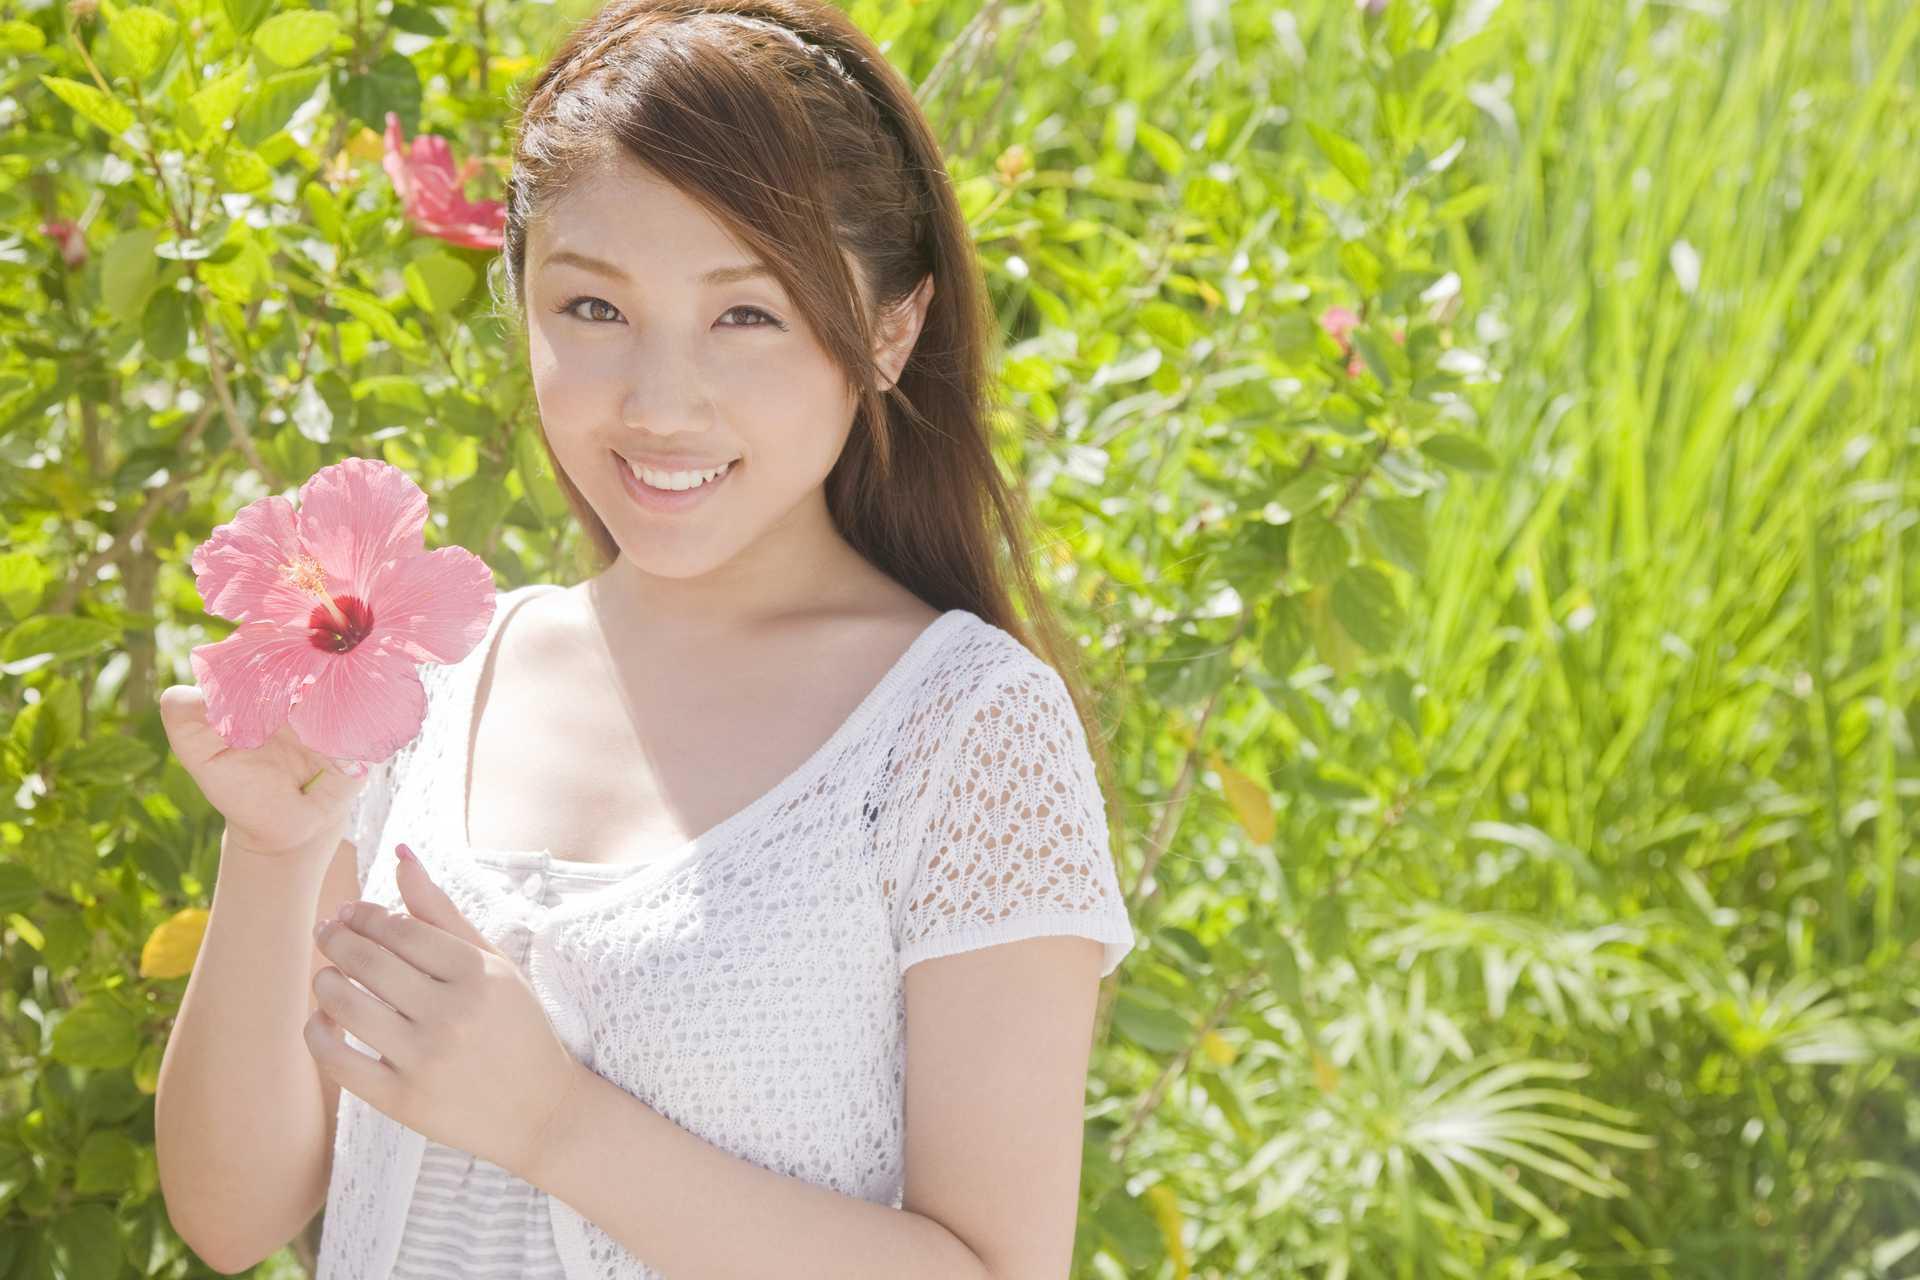 道端の草花は、あなたを癒すために、今日も頑張って咲いている。 | 幸せな気分になる30の方法